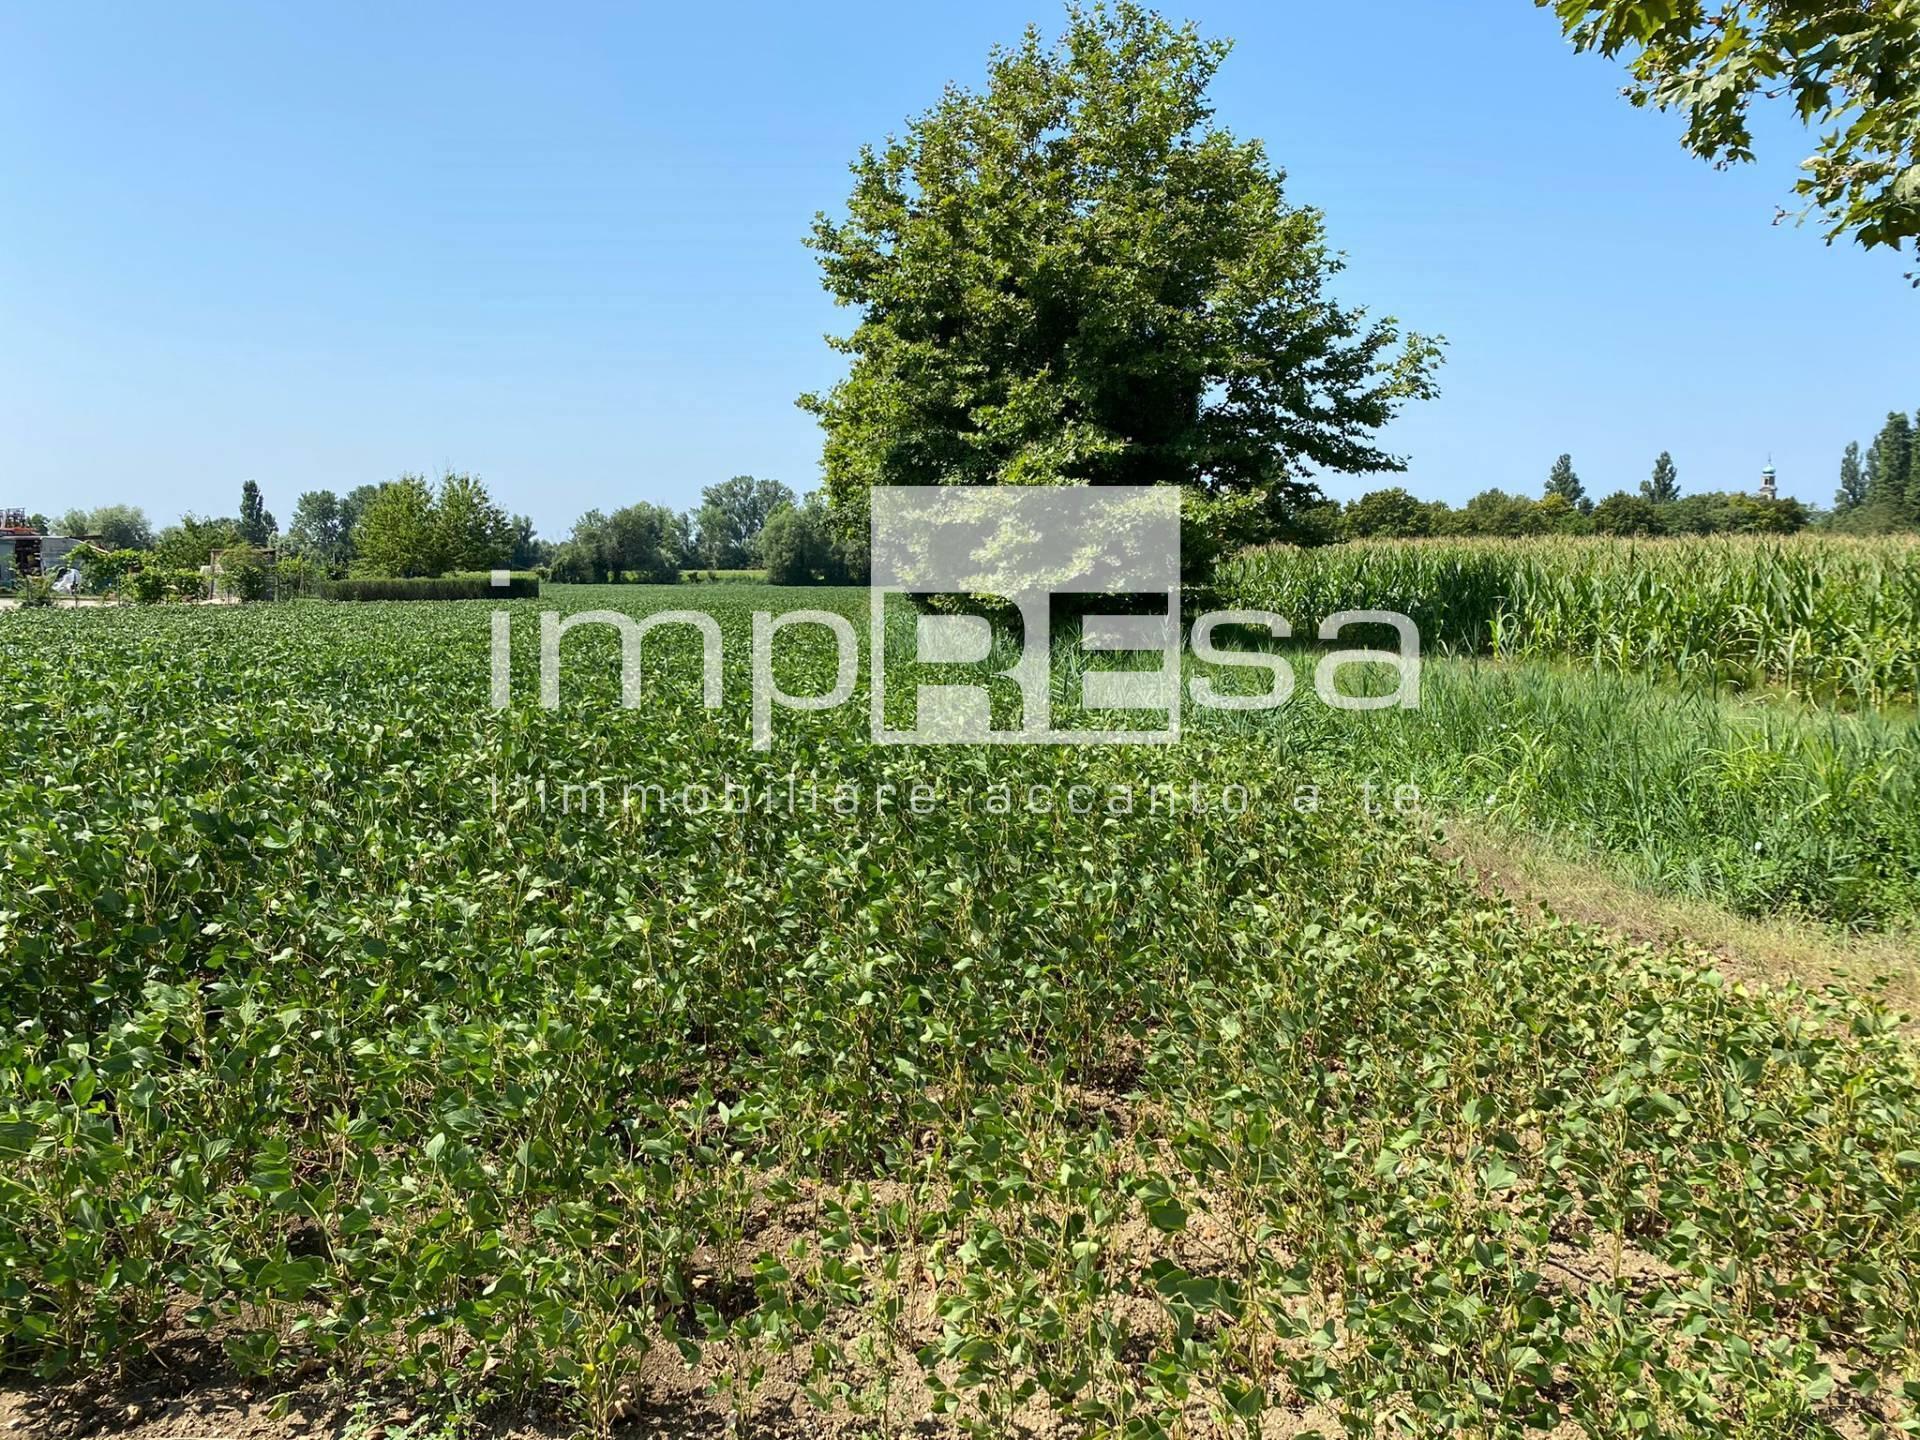 Terreno Agricolo in vendita a San Biagio di Callalta, 9999 locali, zona Zona: Spercenigo, prezzo € 165.000   CambioCasa.it